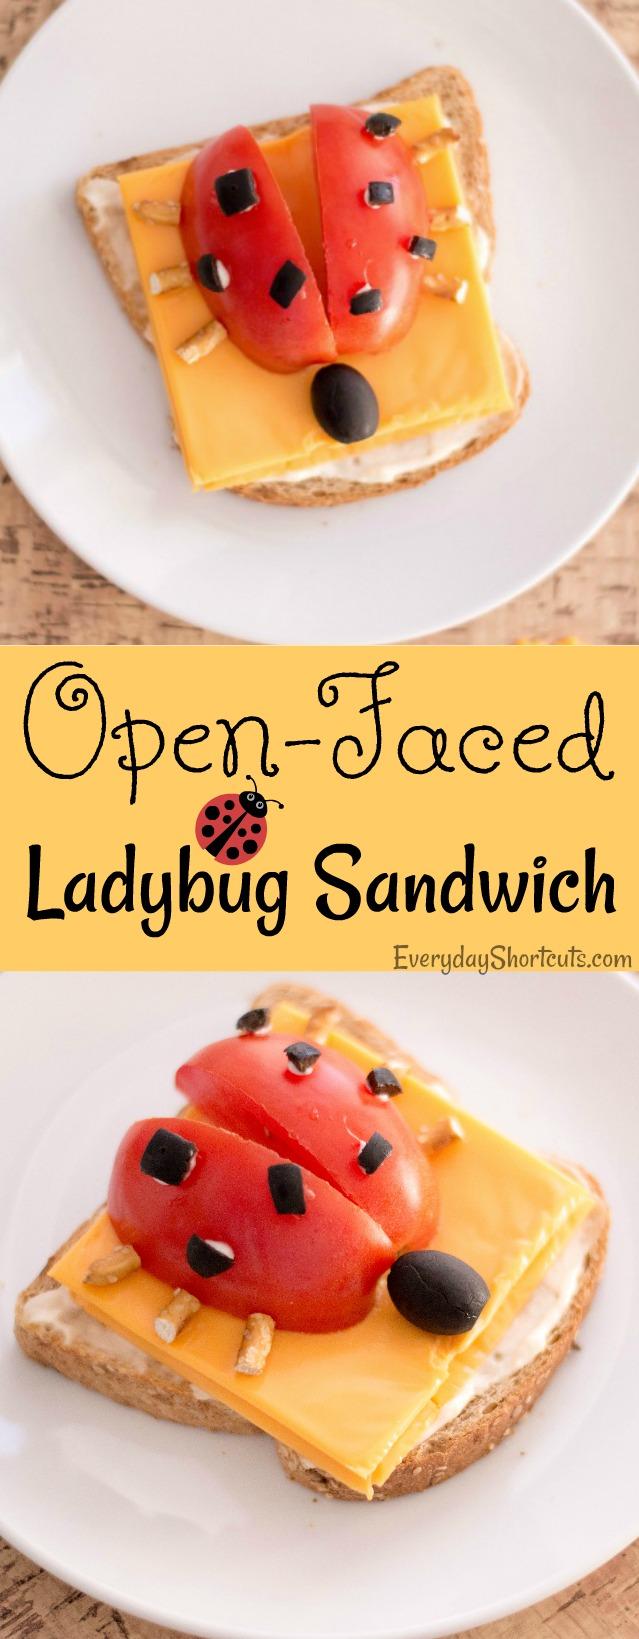 ladybug-sandwich